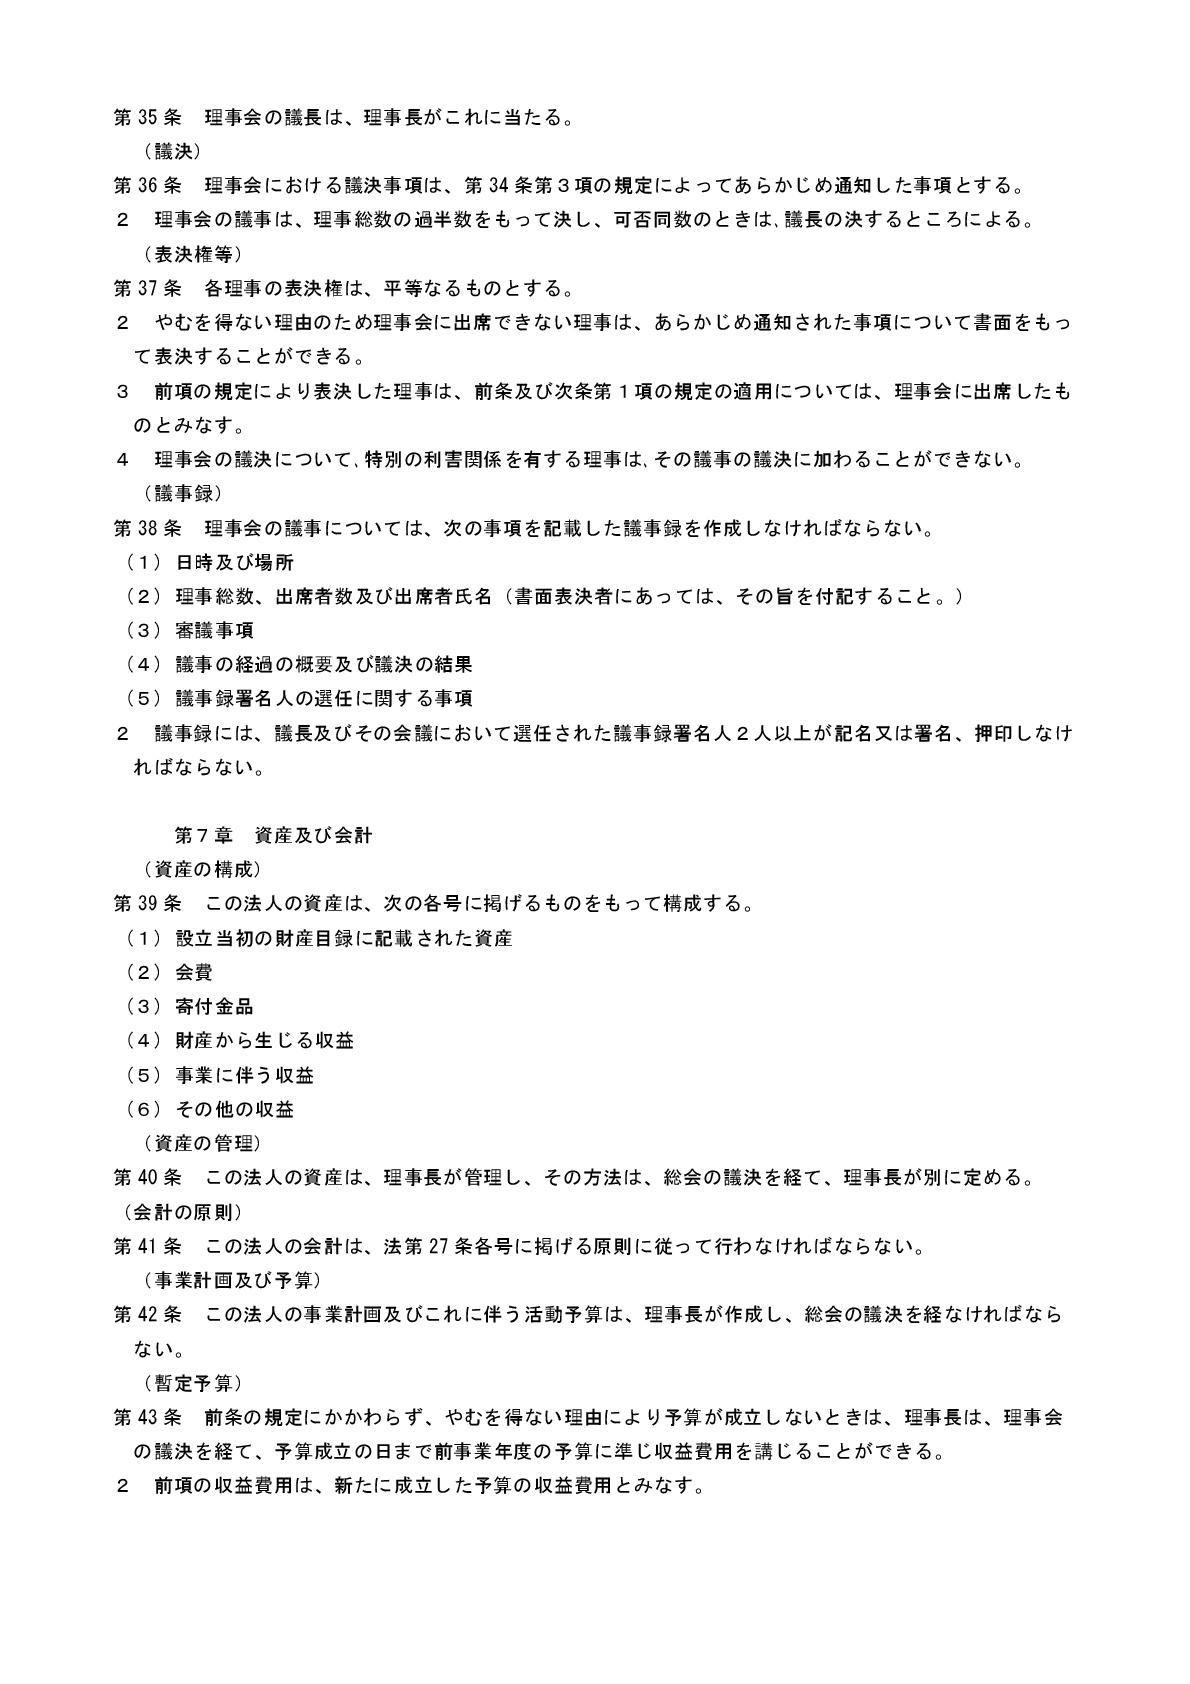 定款ページ6